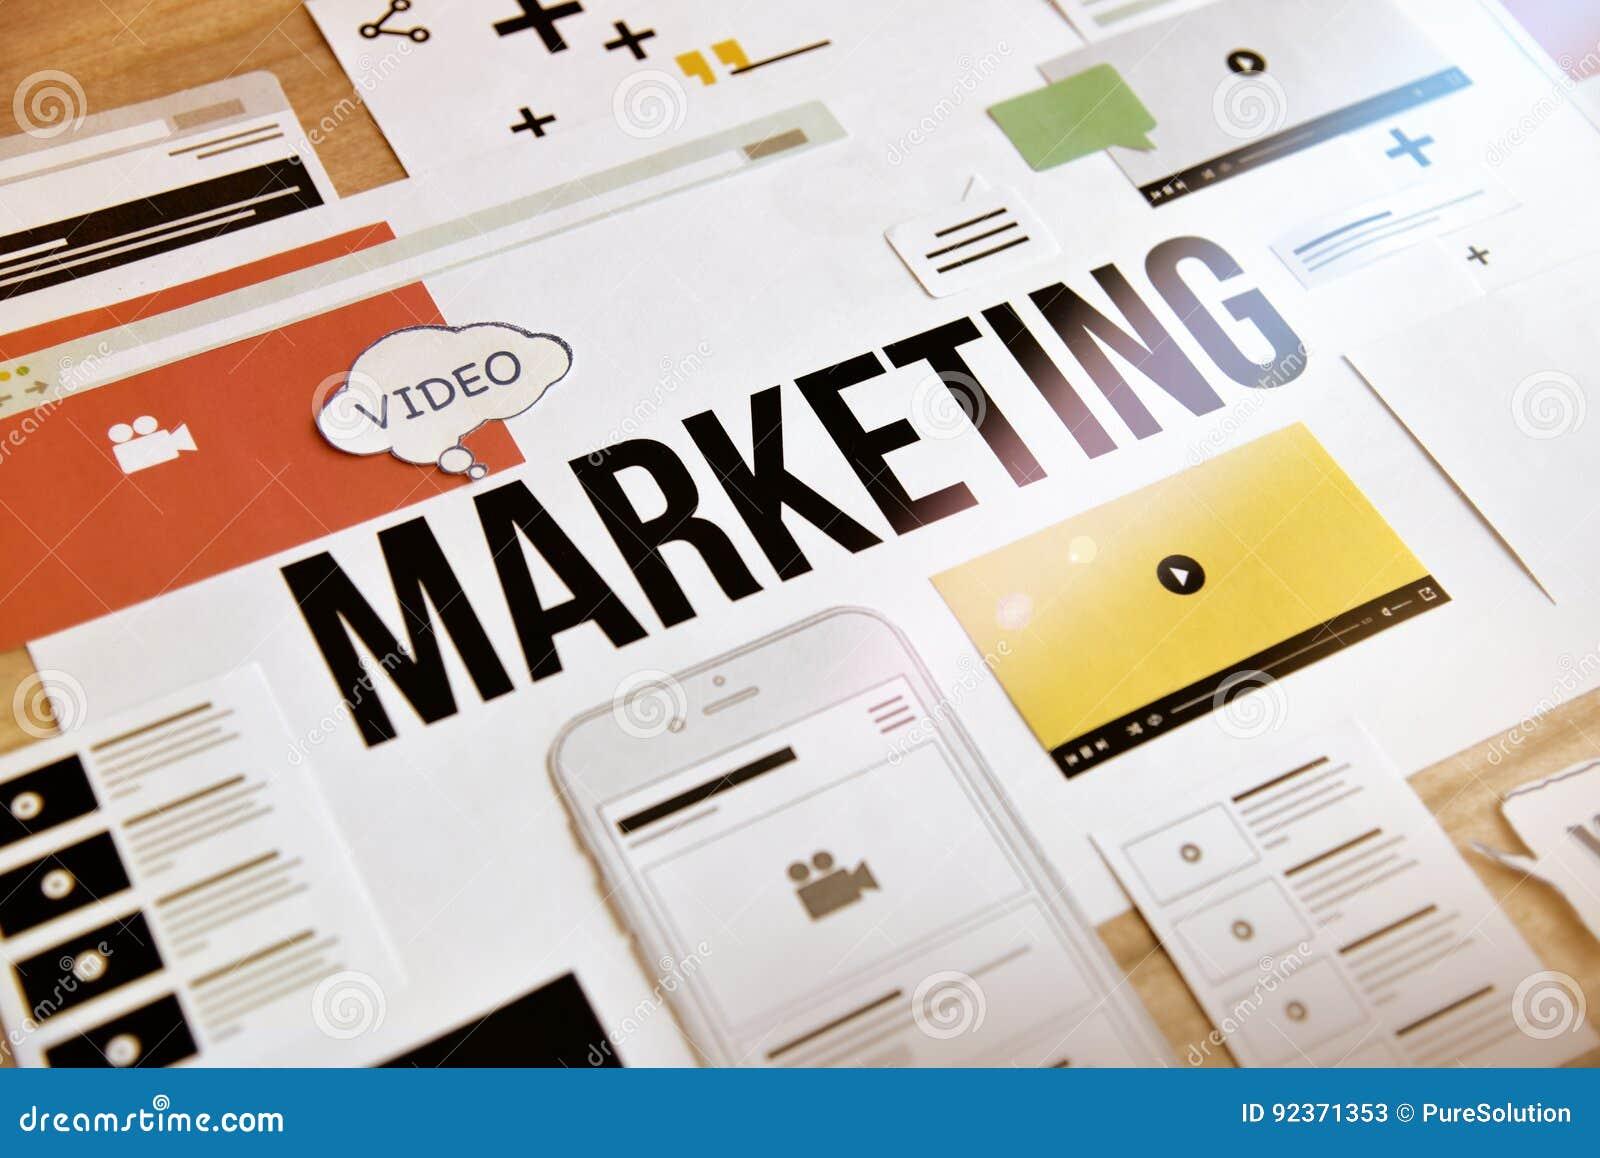 Mercado video